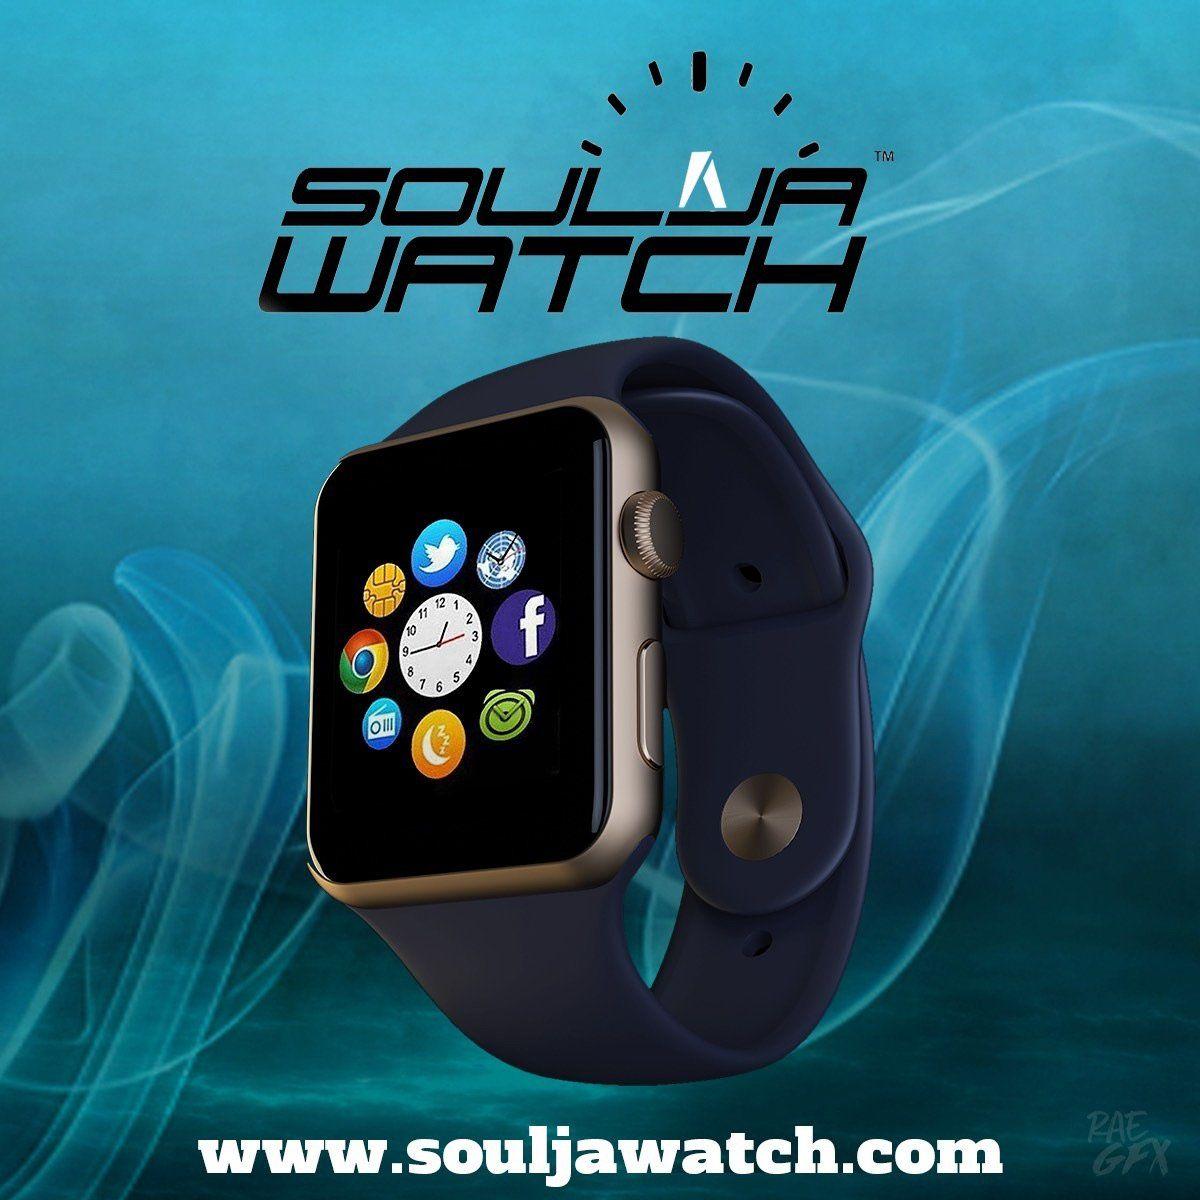 souljawatch